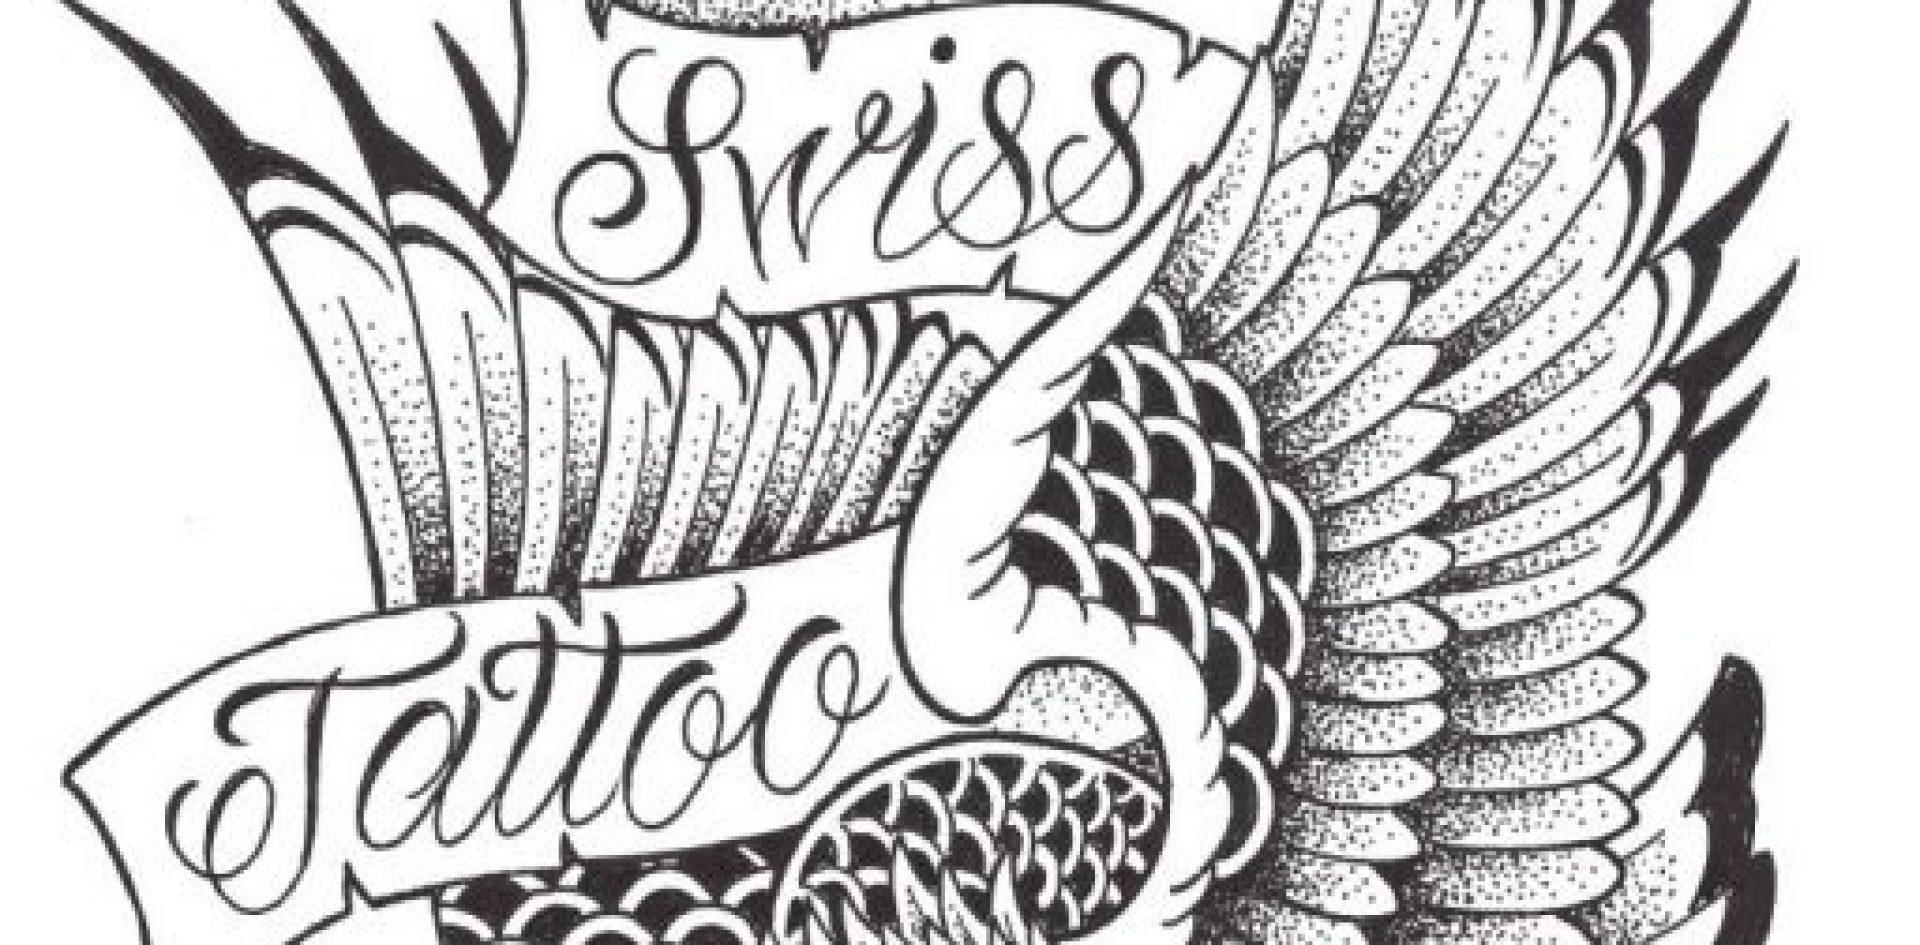 Swiss Tattoo Awards